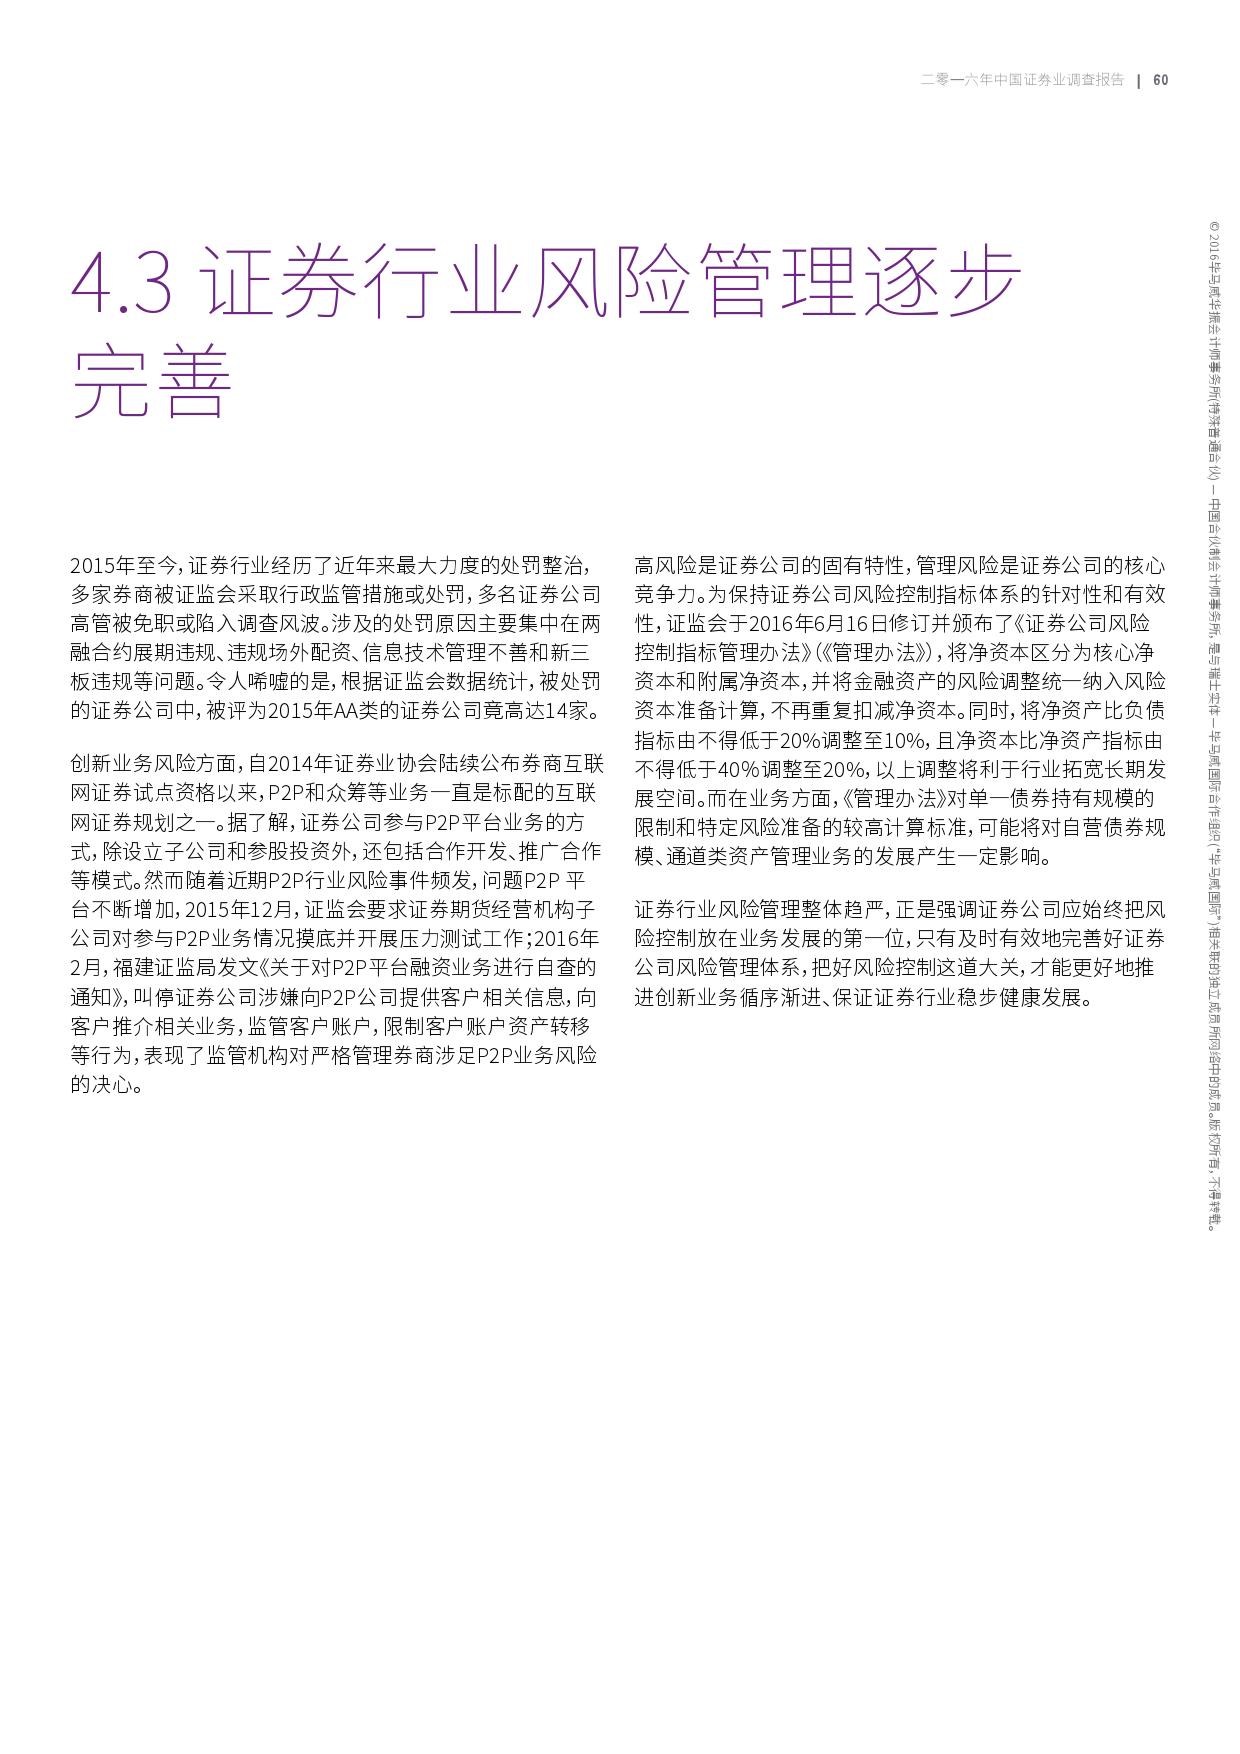 2016年中国证券业调查报告_000063